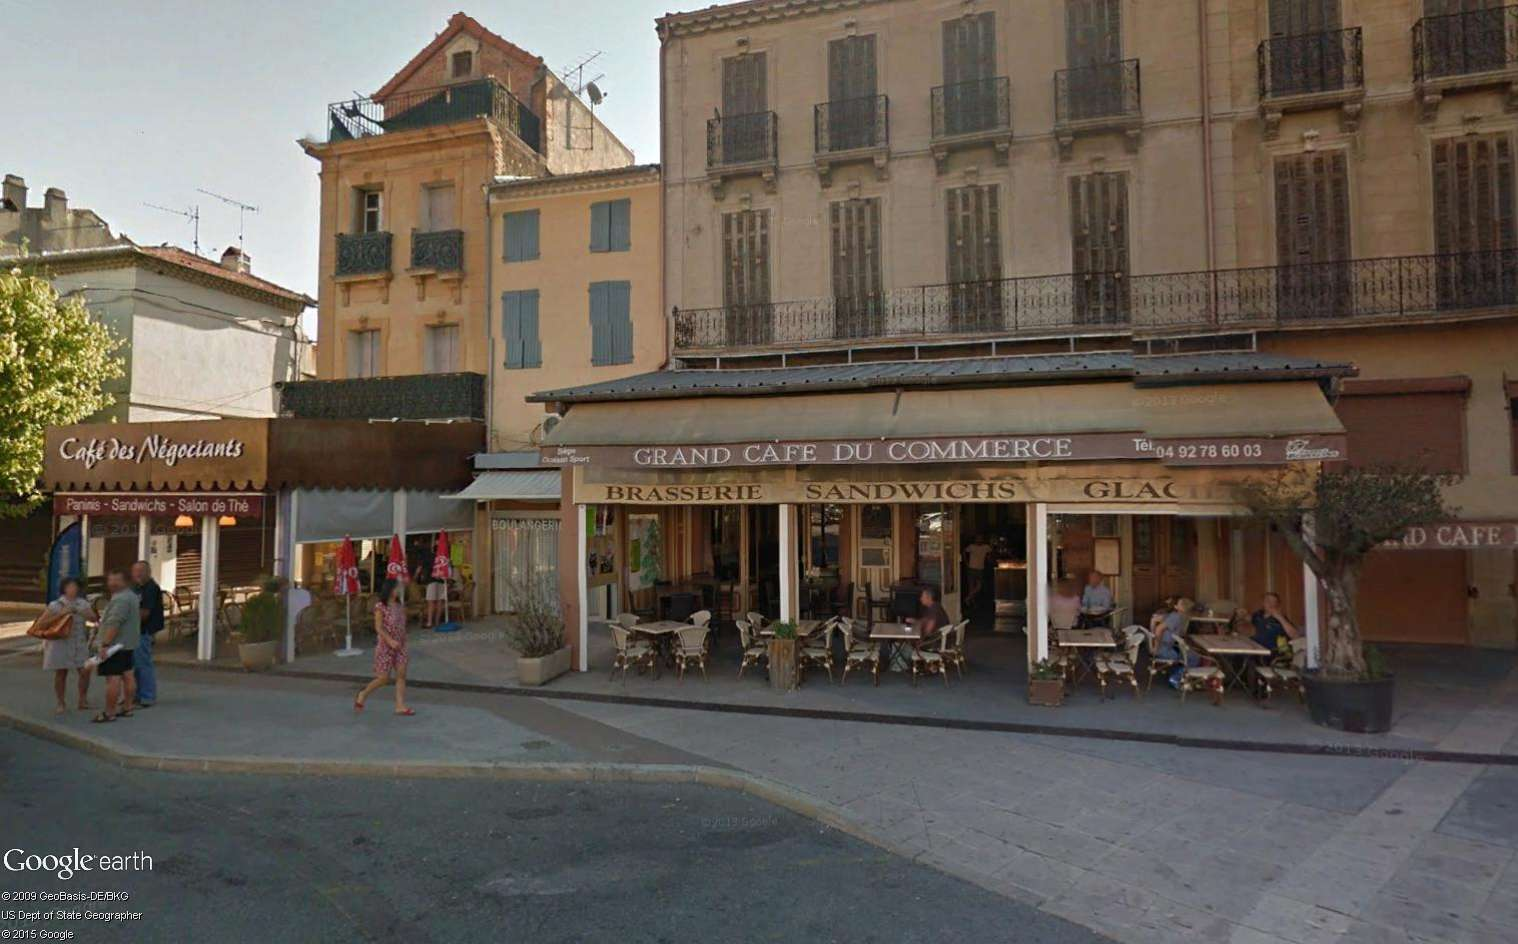 Brasserie du Commerce : à la poursuite d'une institution française - Page 2 Oraiso10